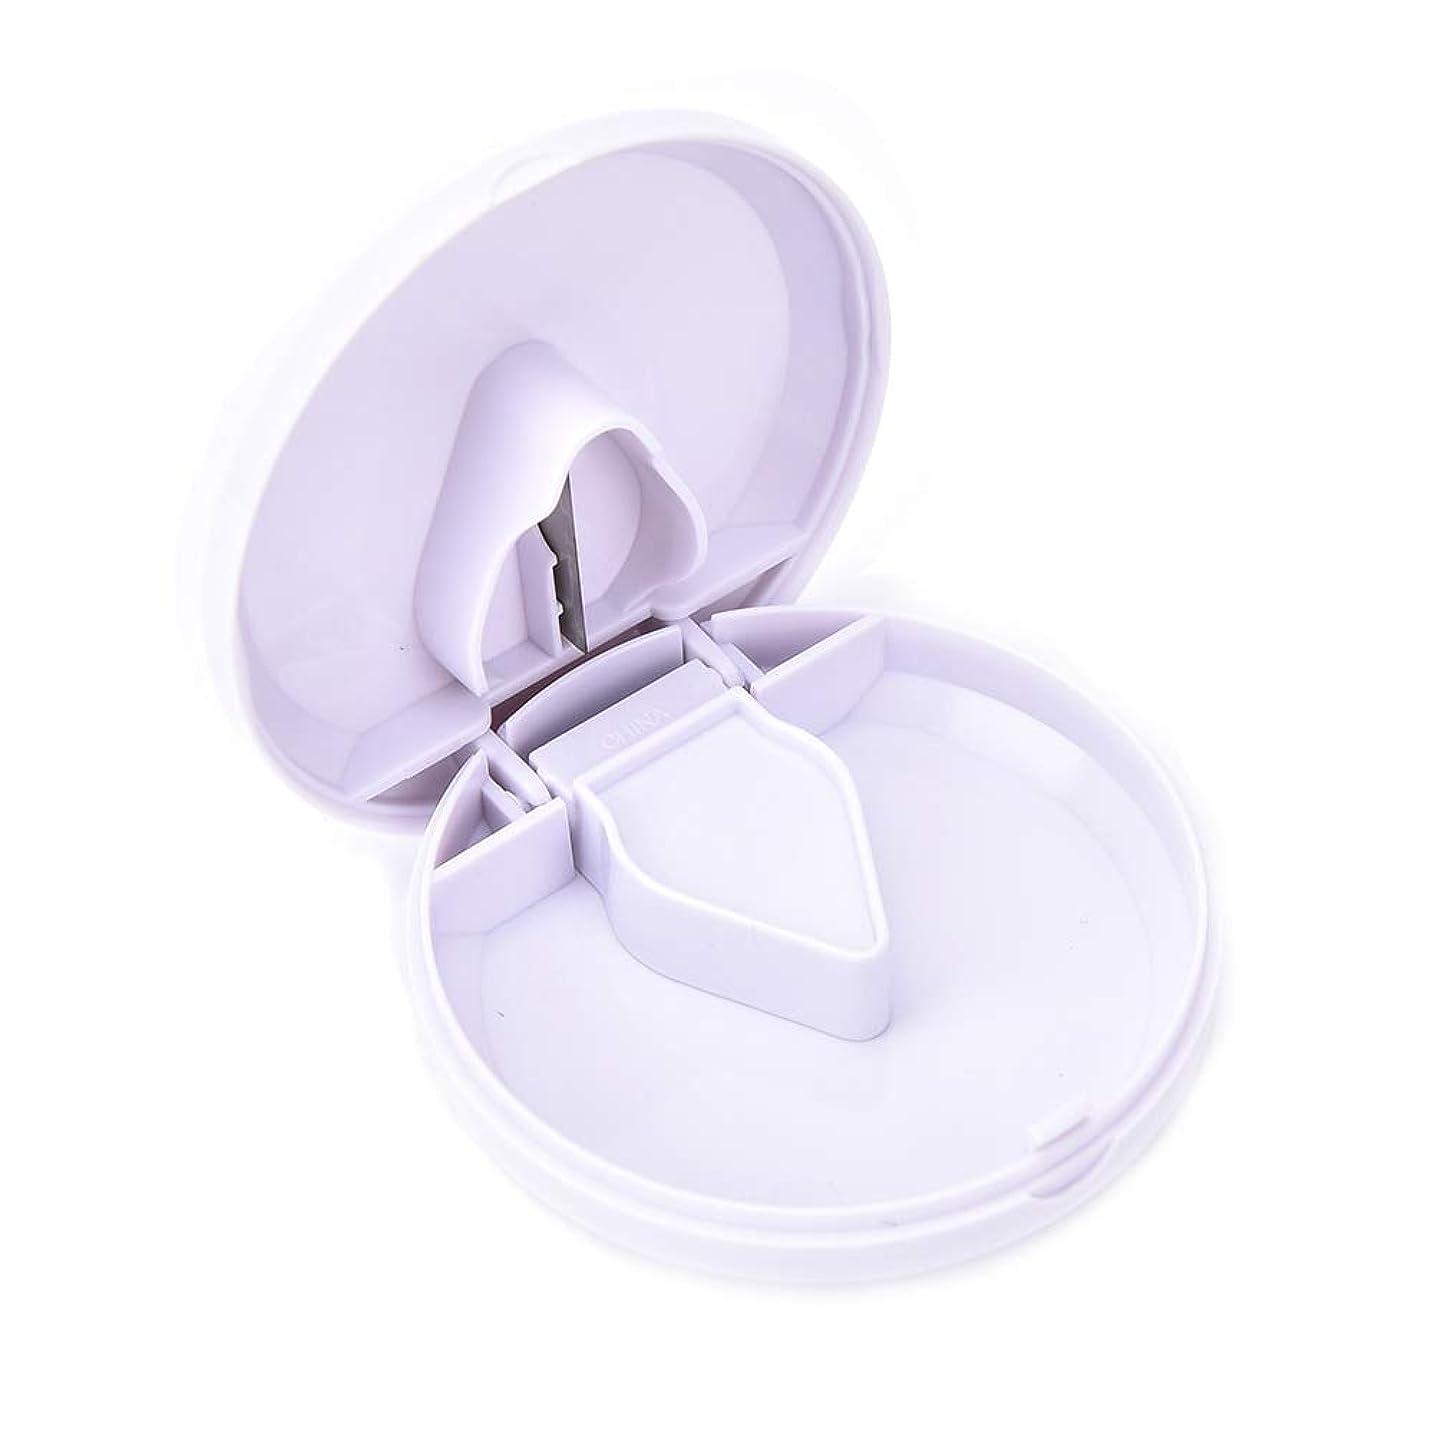 幹寝室シルクJicorzo - 医学スプリッタについては1PCポータブルオーガナイザーホールドストレージボックスピルタブレットピルカッター分周器[ホワイト]